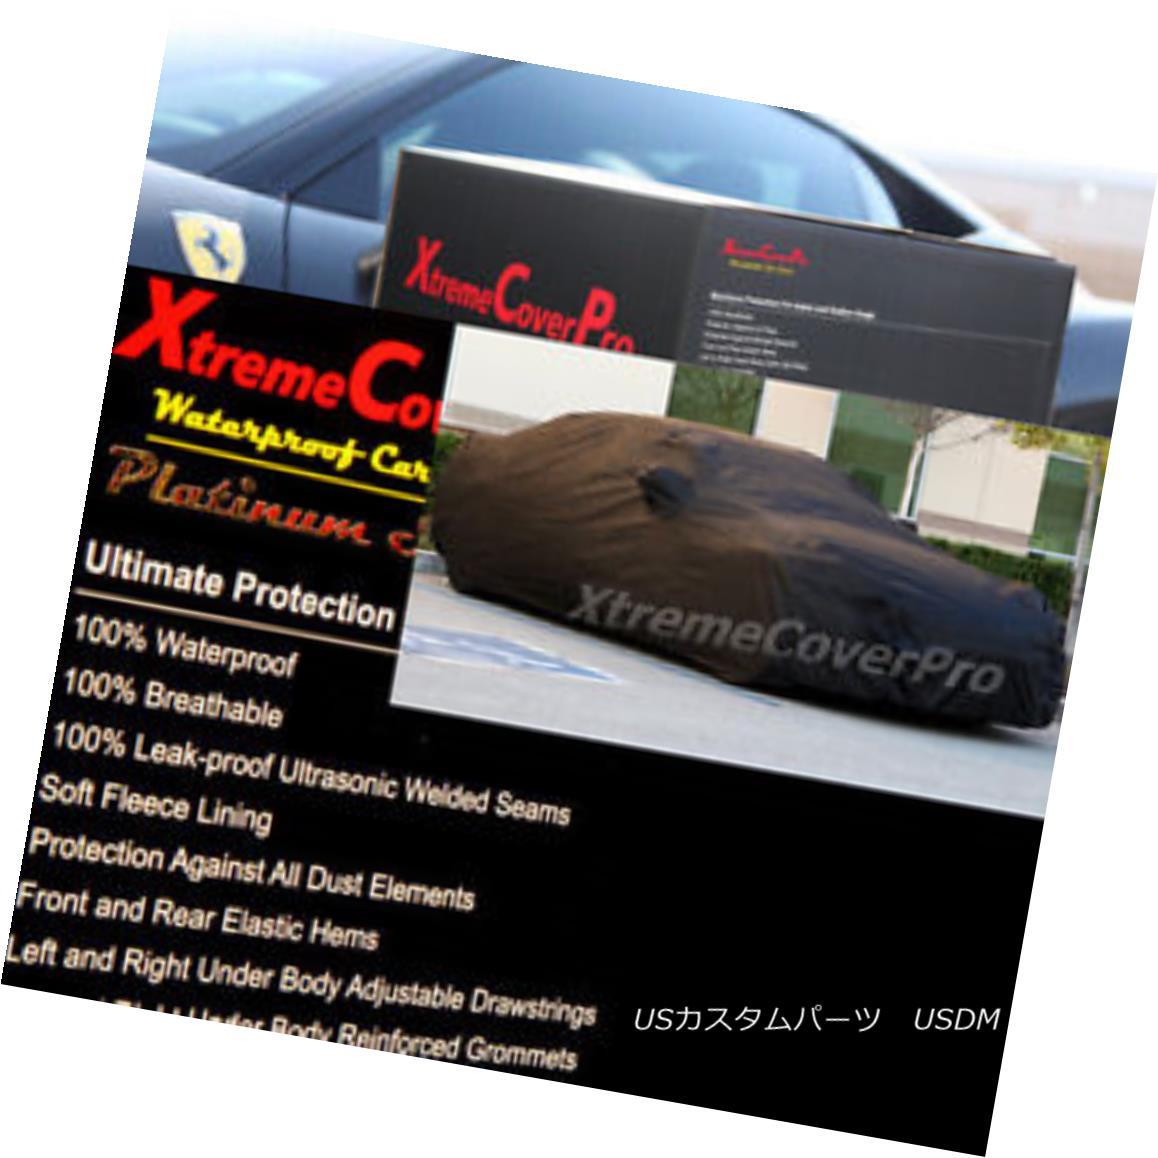 カーカバー 2015 TOYOTA AVALON Waterproof Car Cover w/Mirror Pockets - Black 2015 TOYOTA AVALONミラーポケット付き防水カーカバー - ブラック